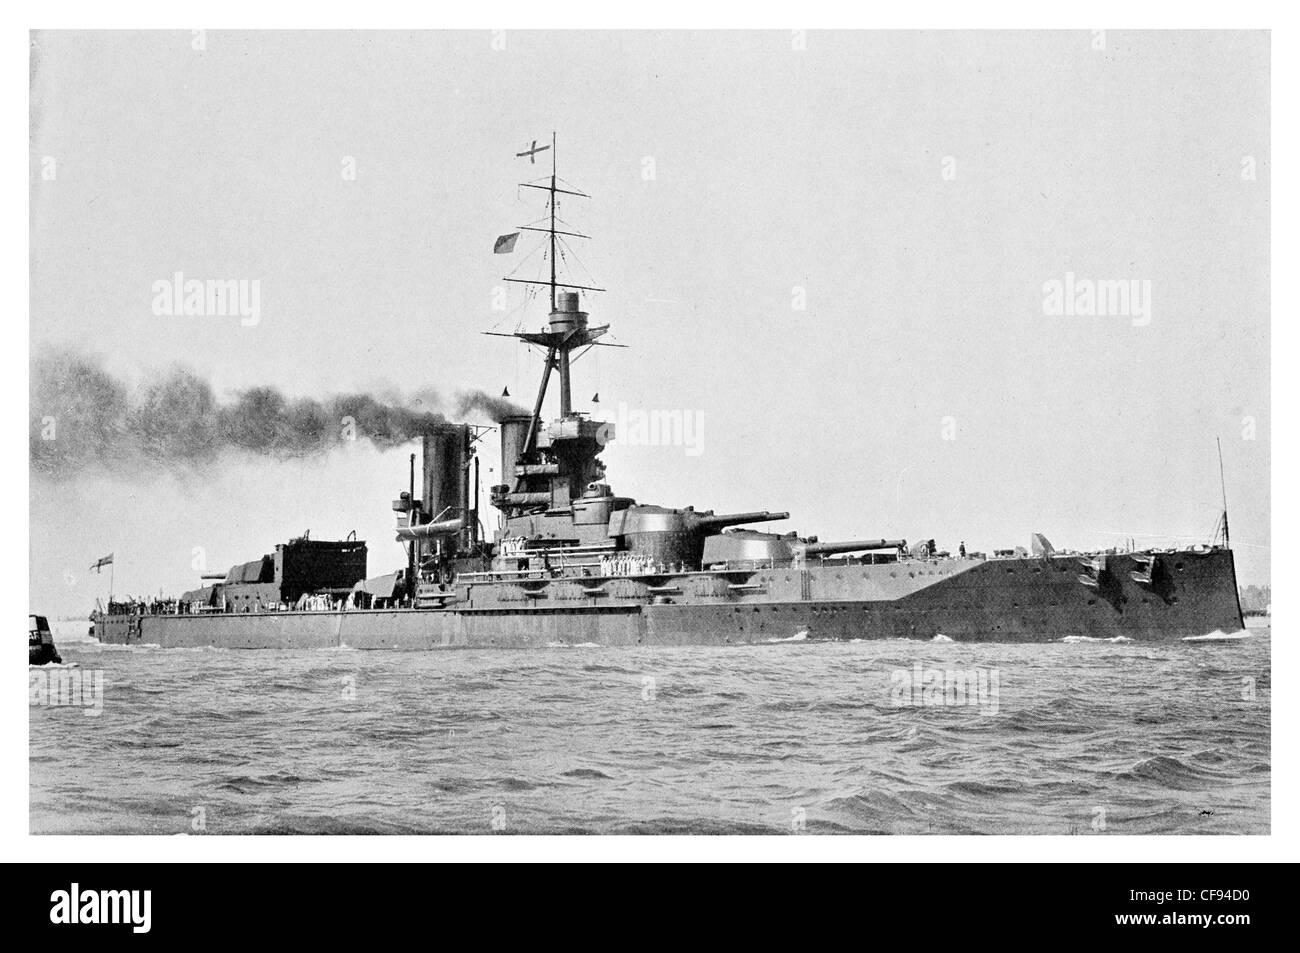 HMS Iron Duke battleship Royal Navy flagship Grand Fleet warship turret guns gun Naval British - Stock Image